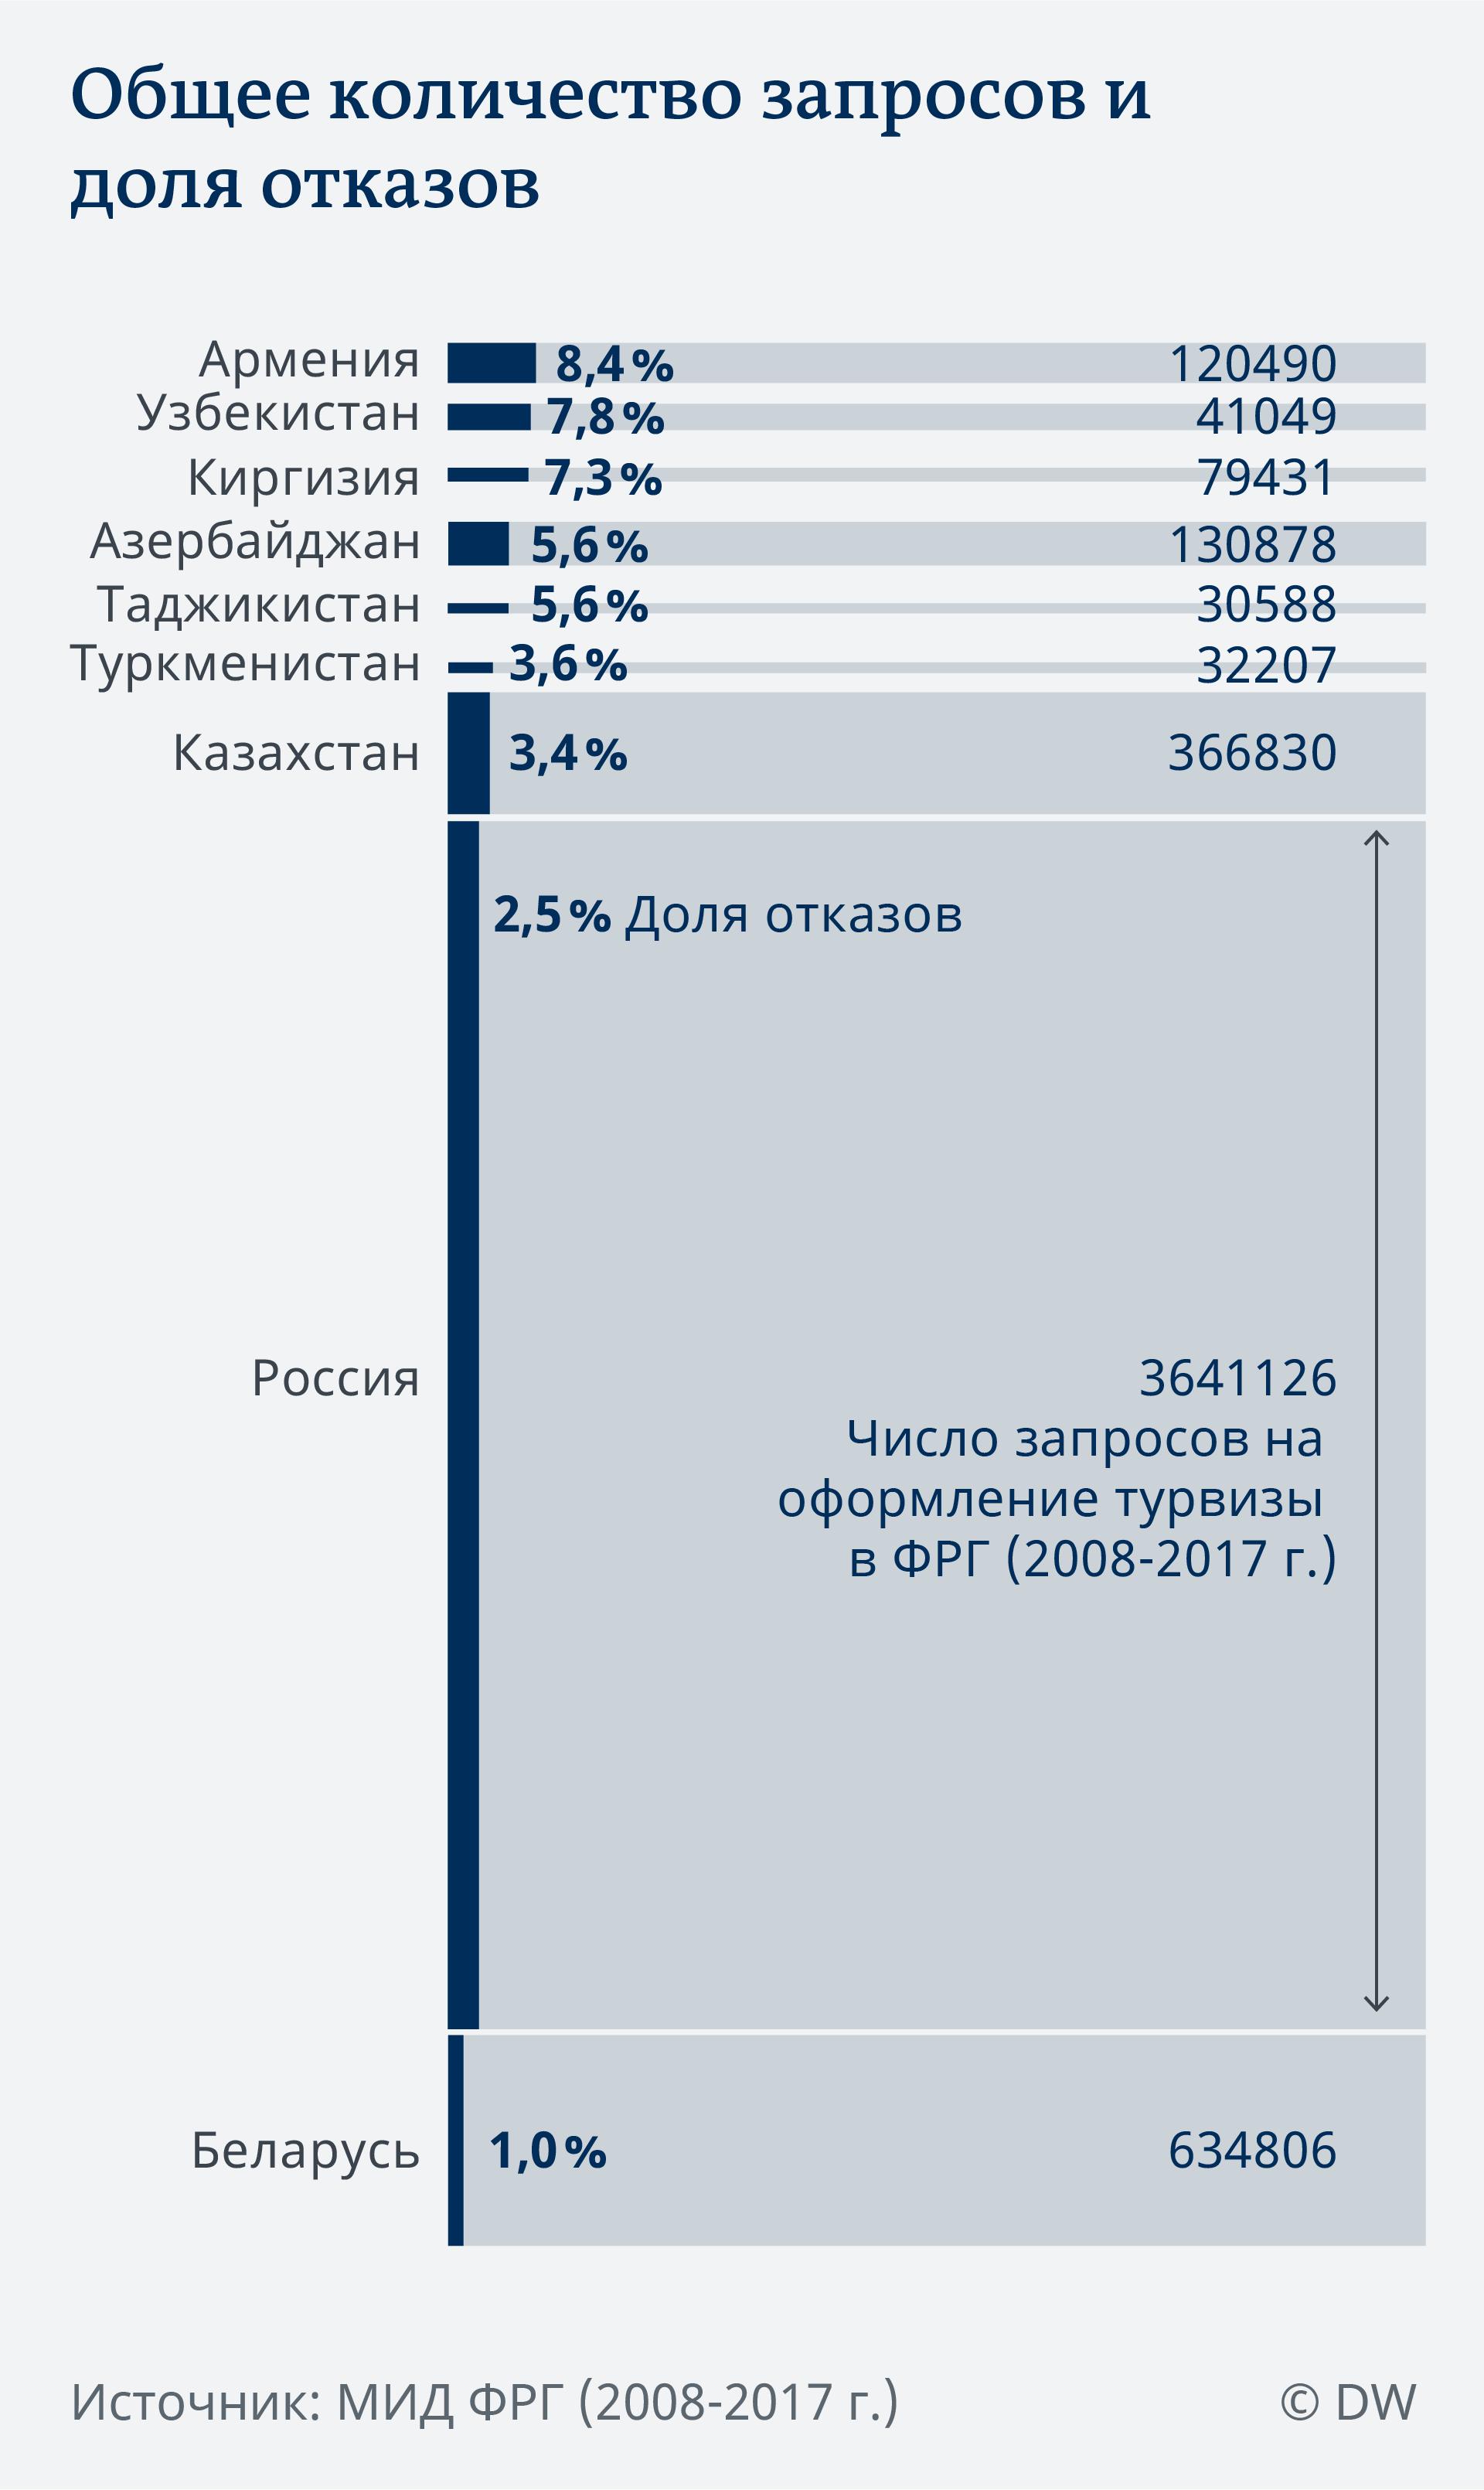 Инфографика: общее количество запросов и доля отказов